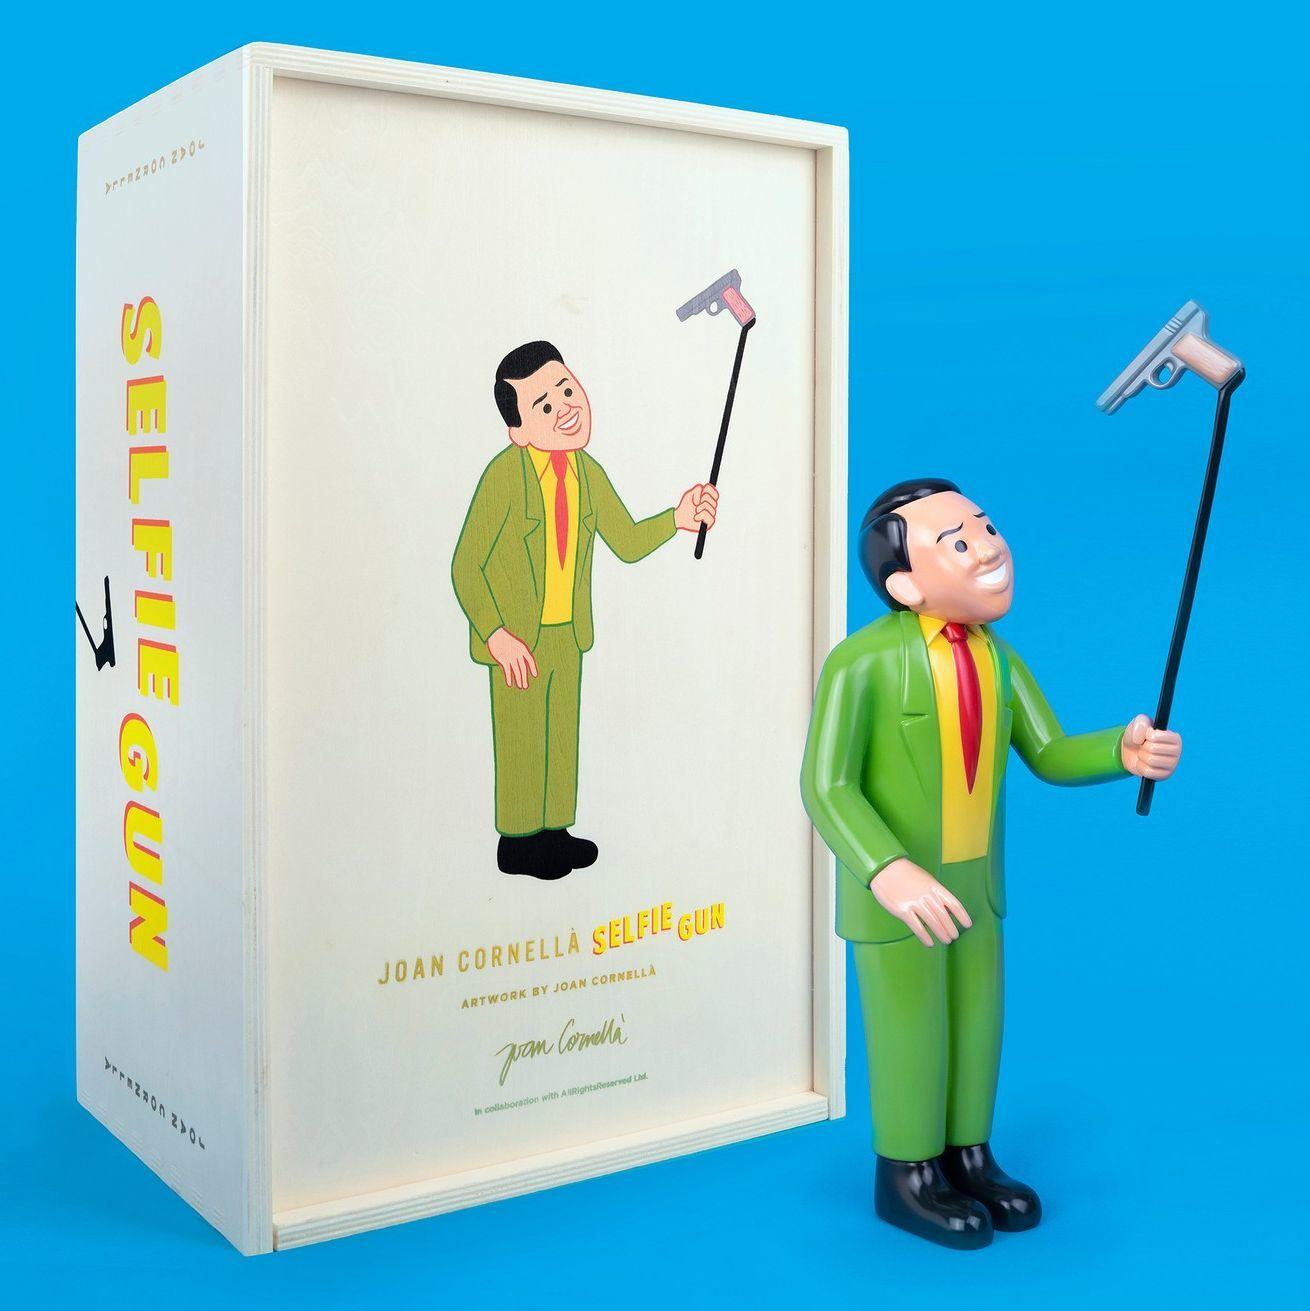 黑色幽默的代表Joan Cornellà 成名作雕塑全球僅限量發售15個